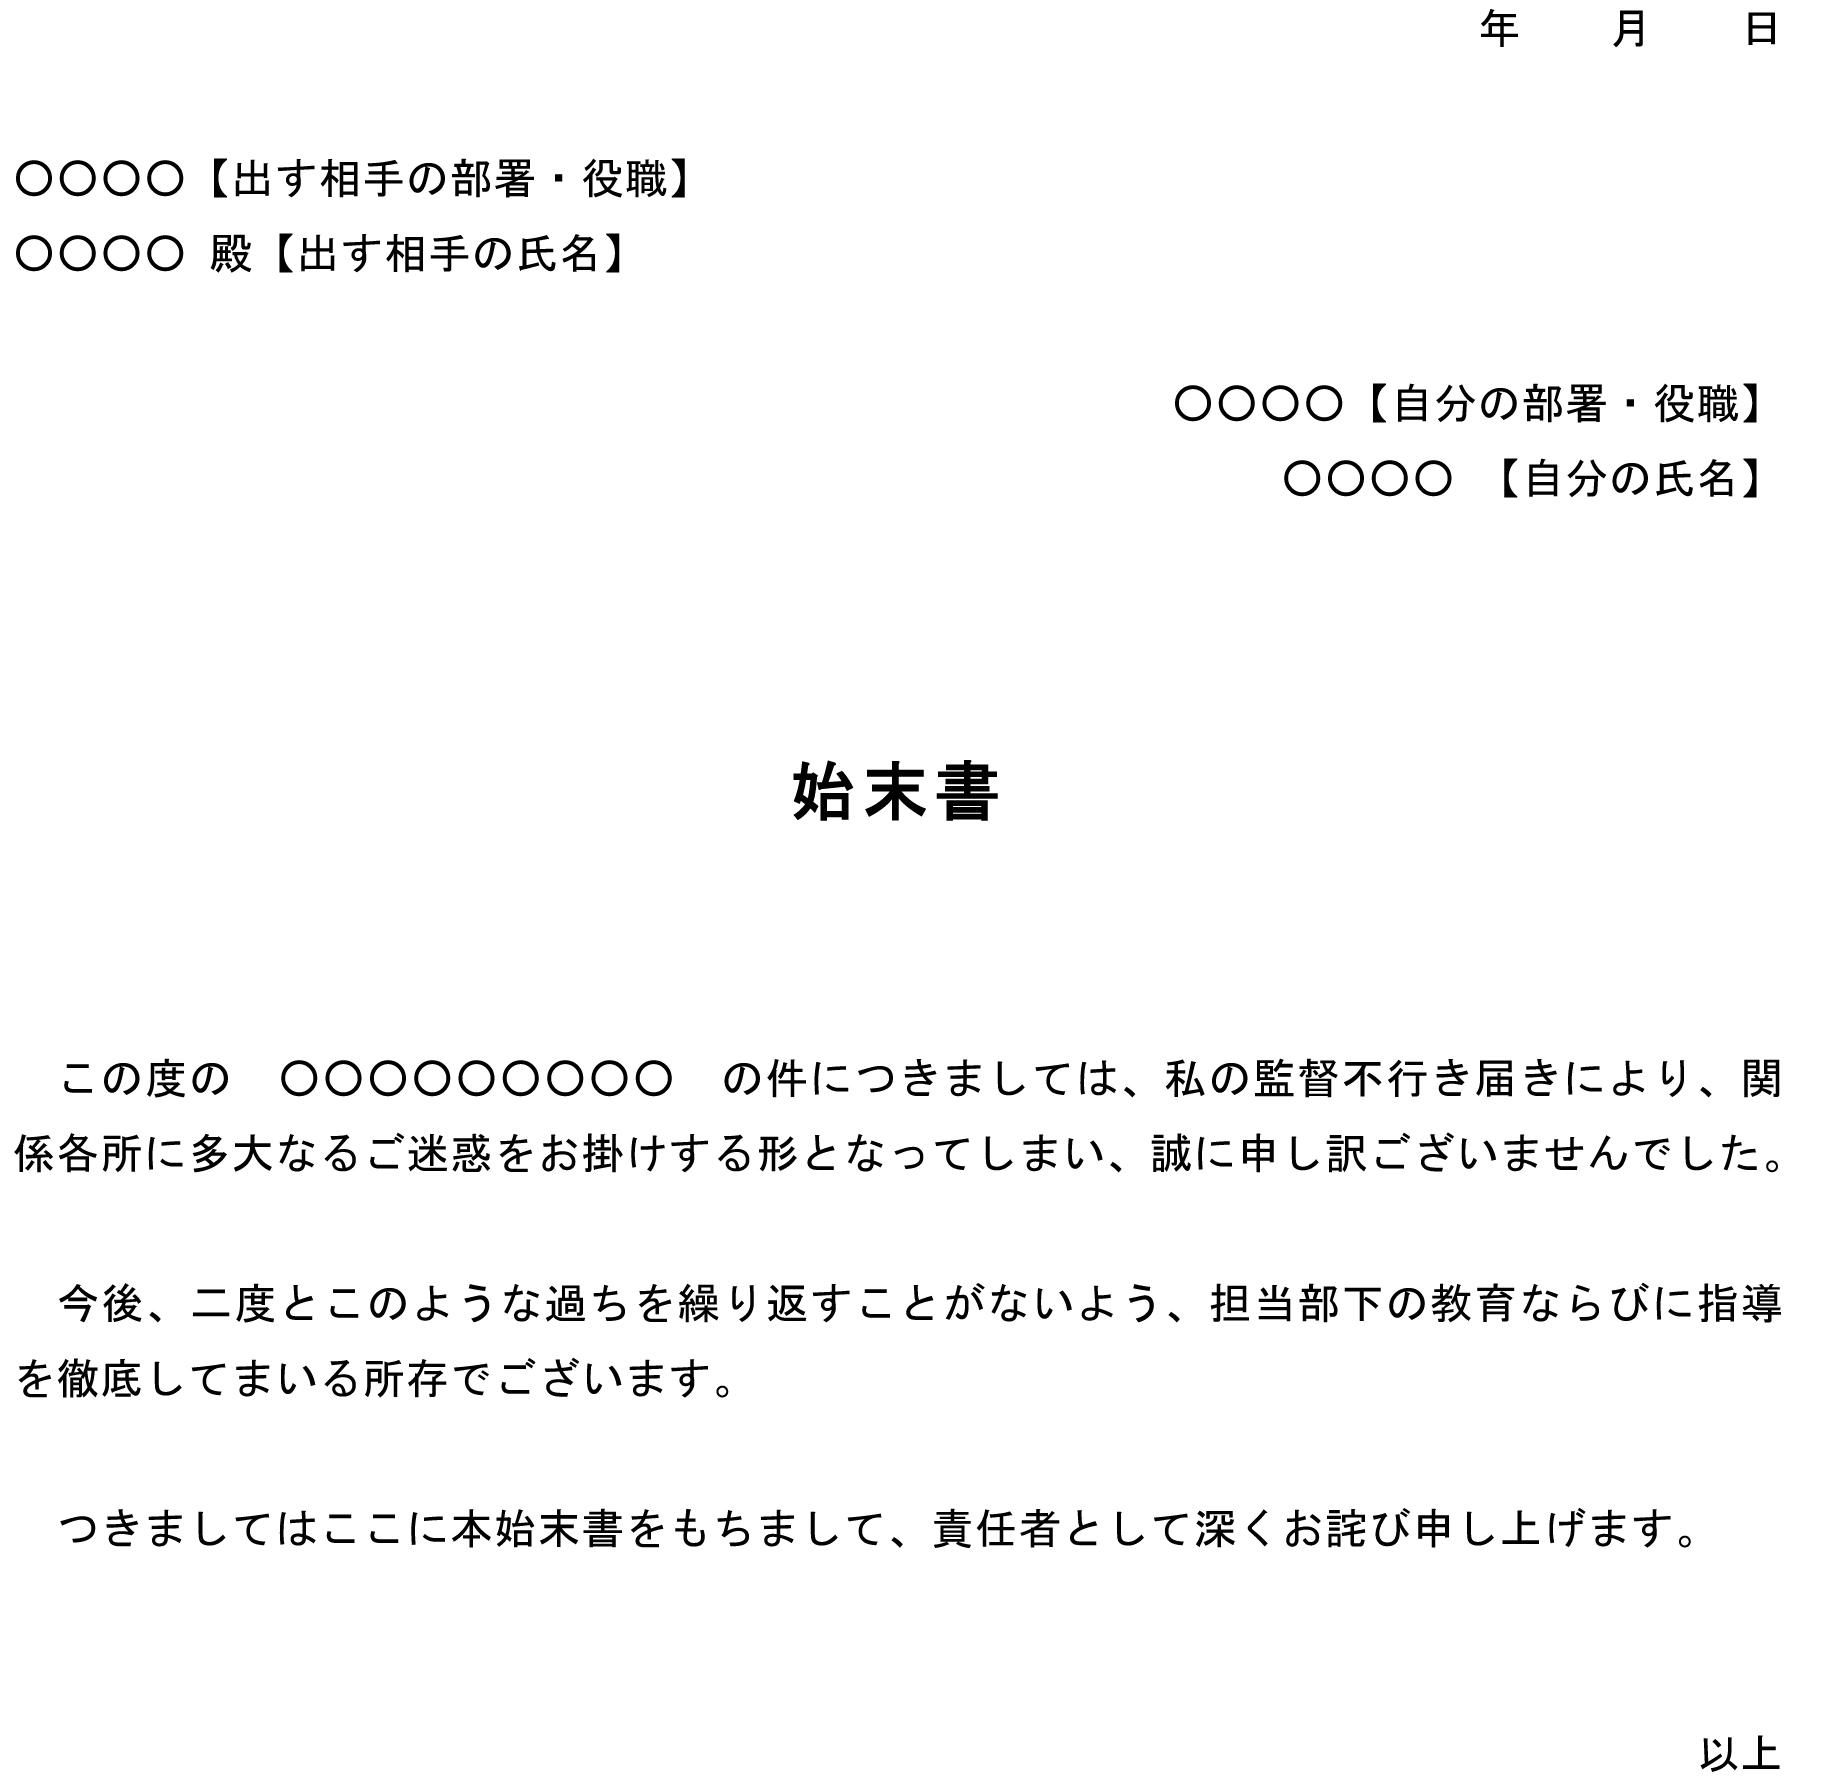 始末書(責任者用)01